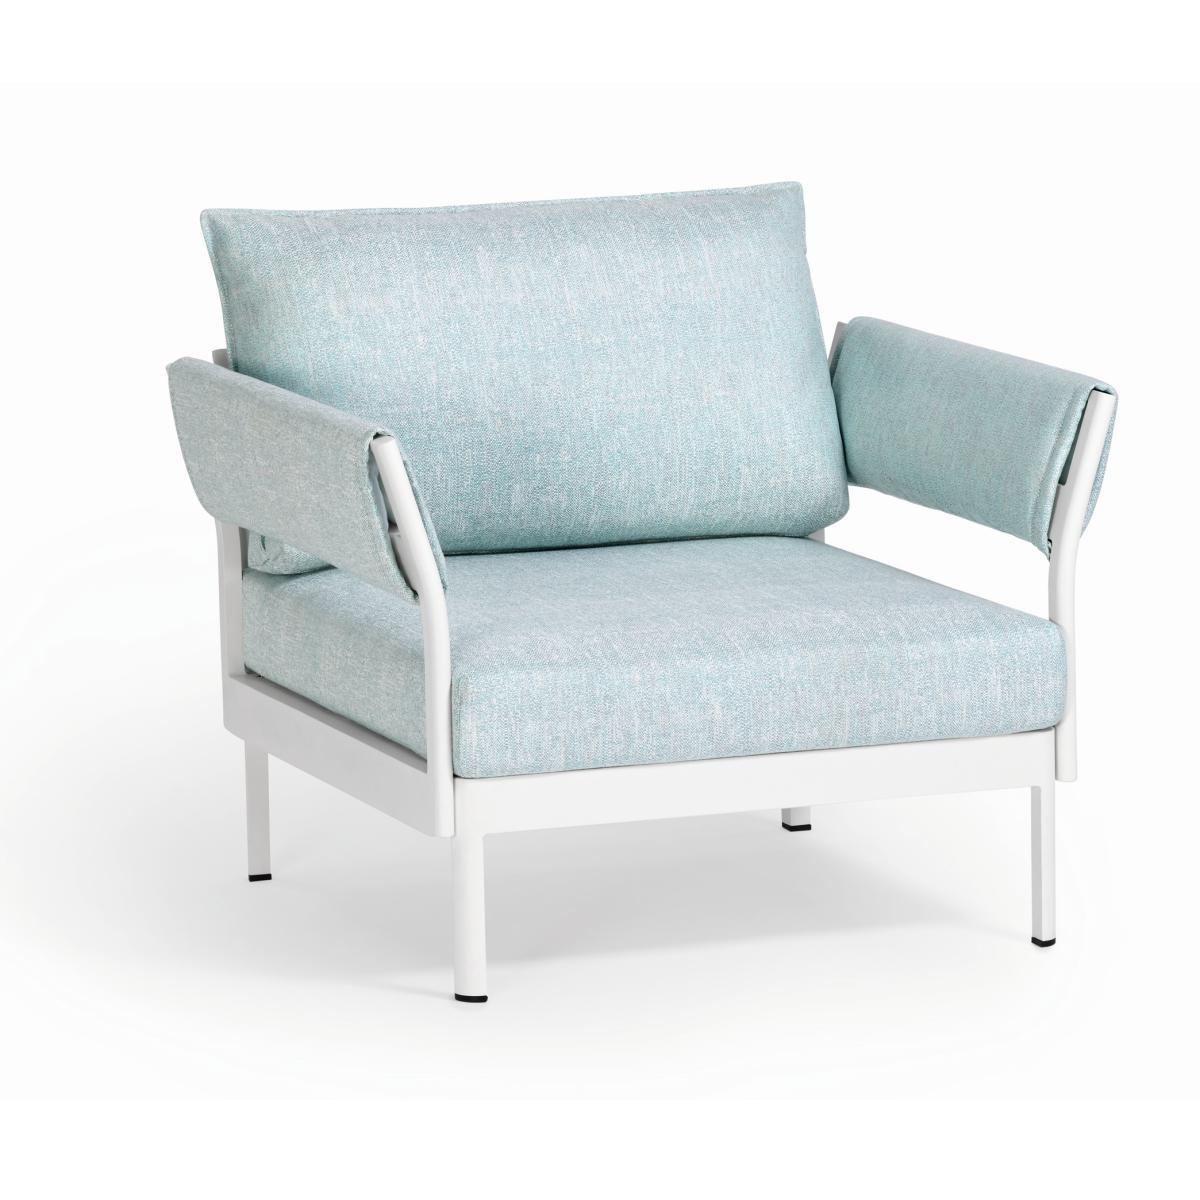 MINU Sessel mit 2x Armlehnen Gestell und Bezug nach Wunsch